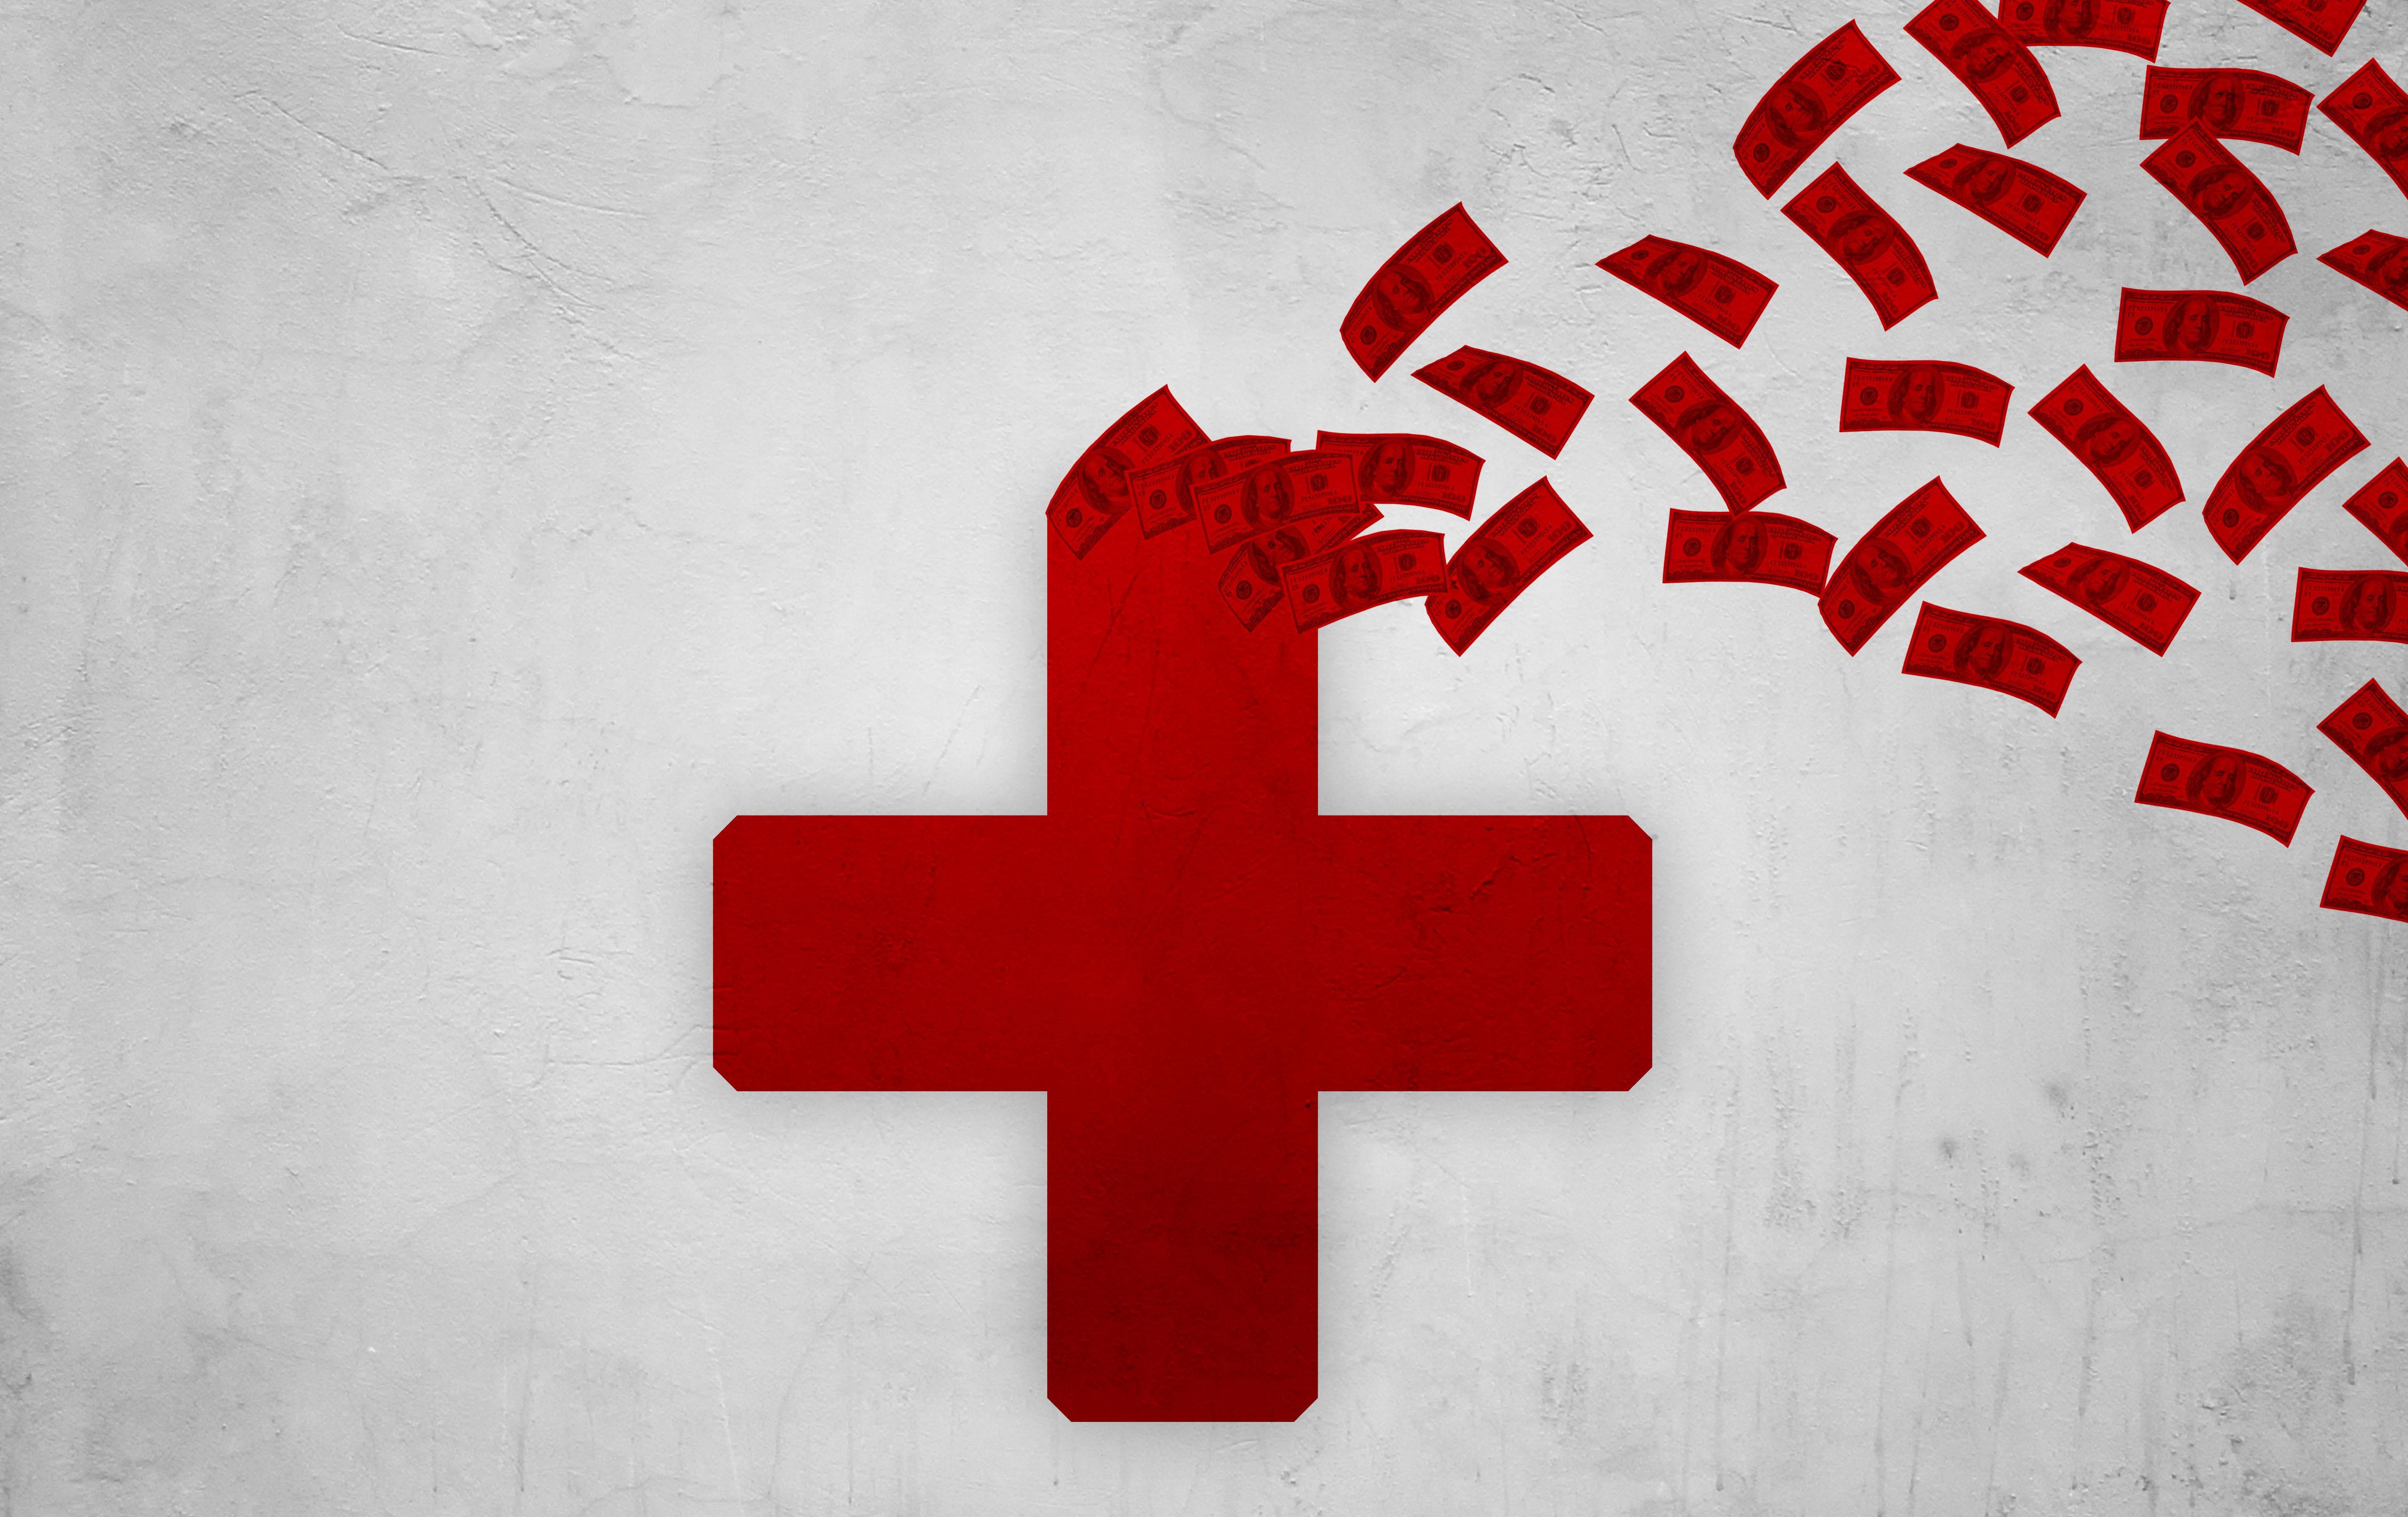 重大疾病意外保险保障范围 重大疾病意外保险怎么买